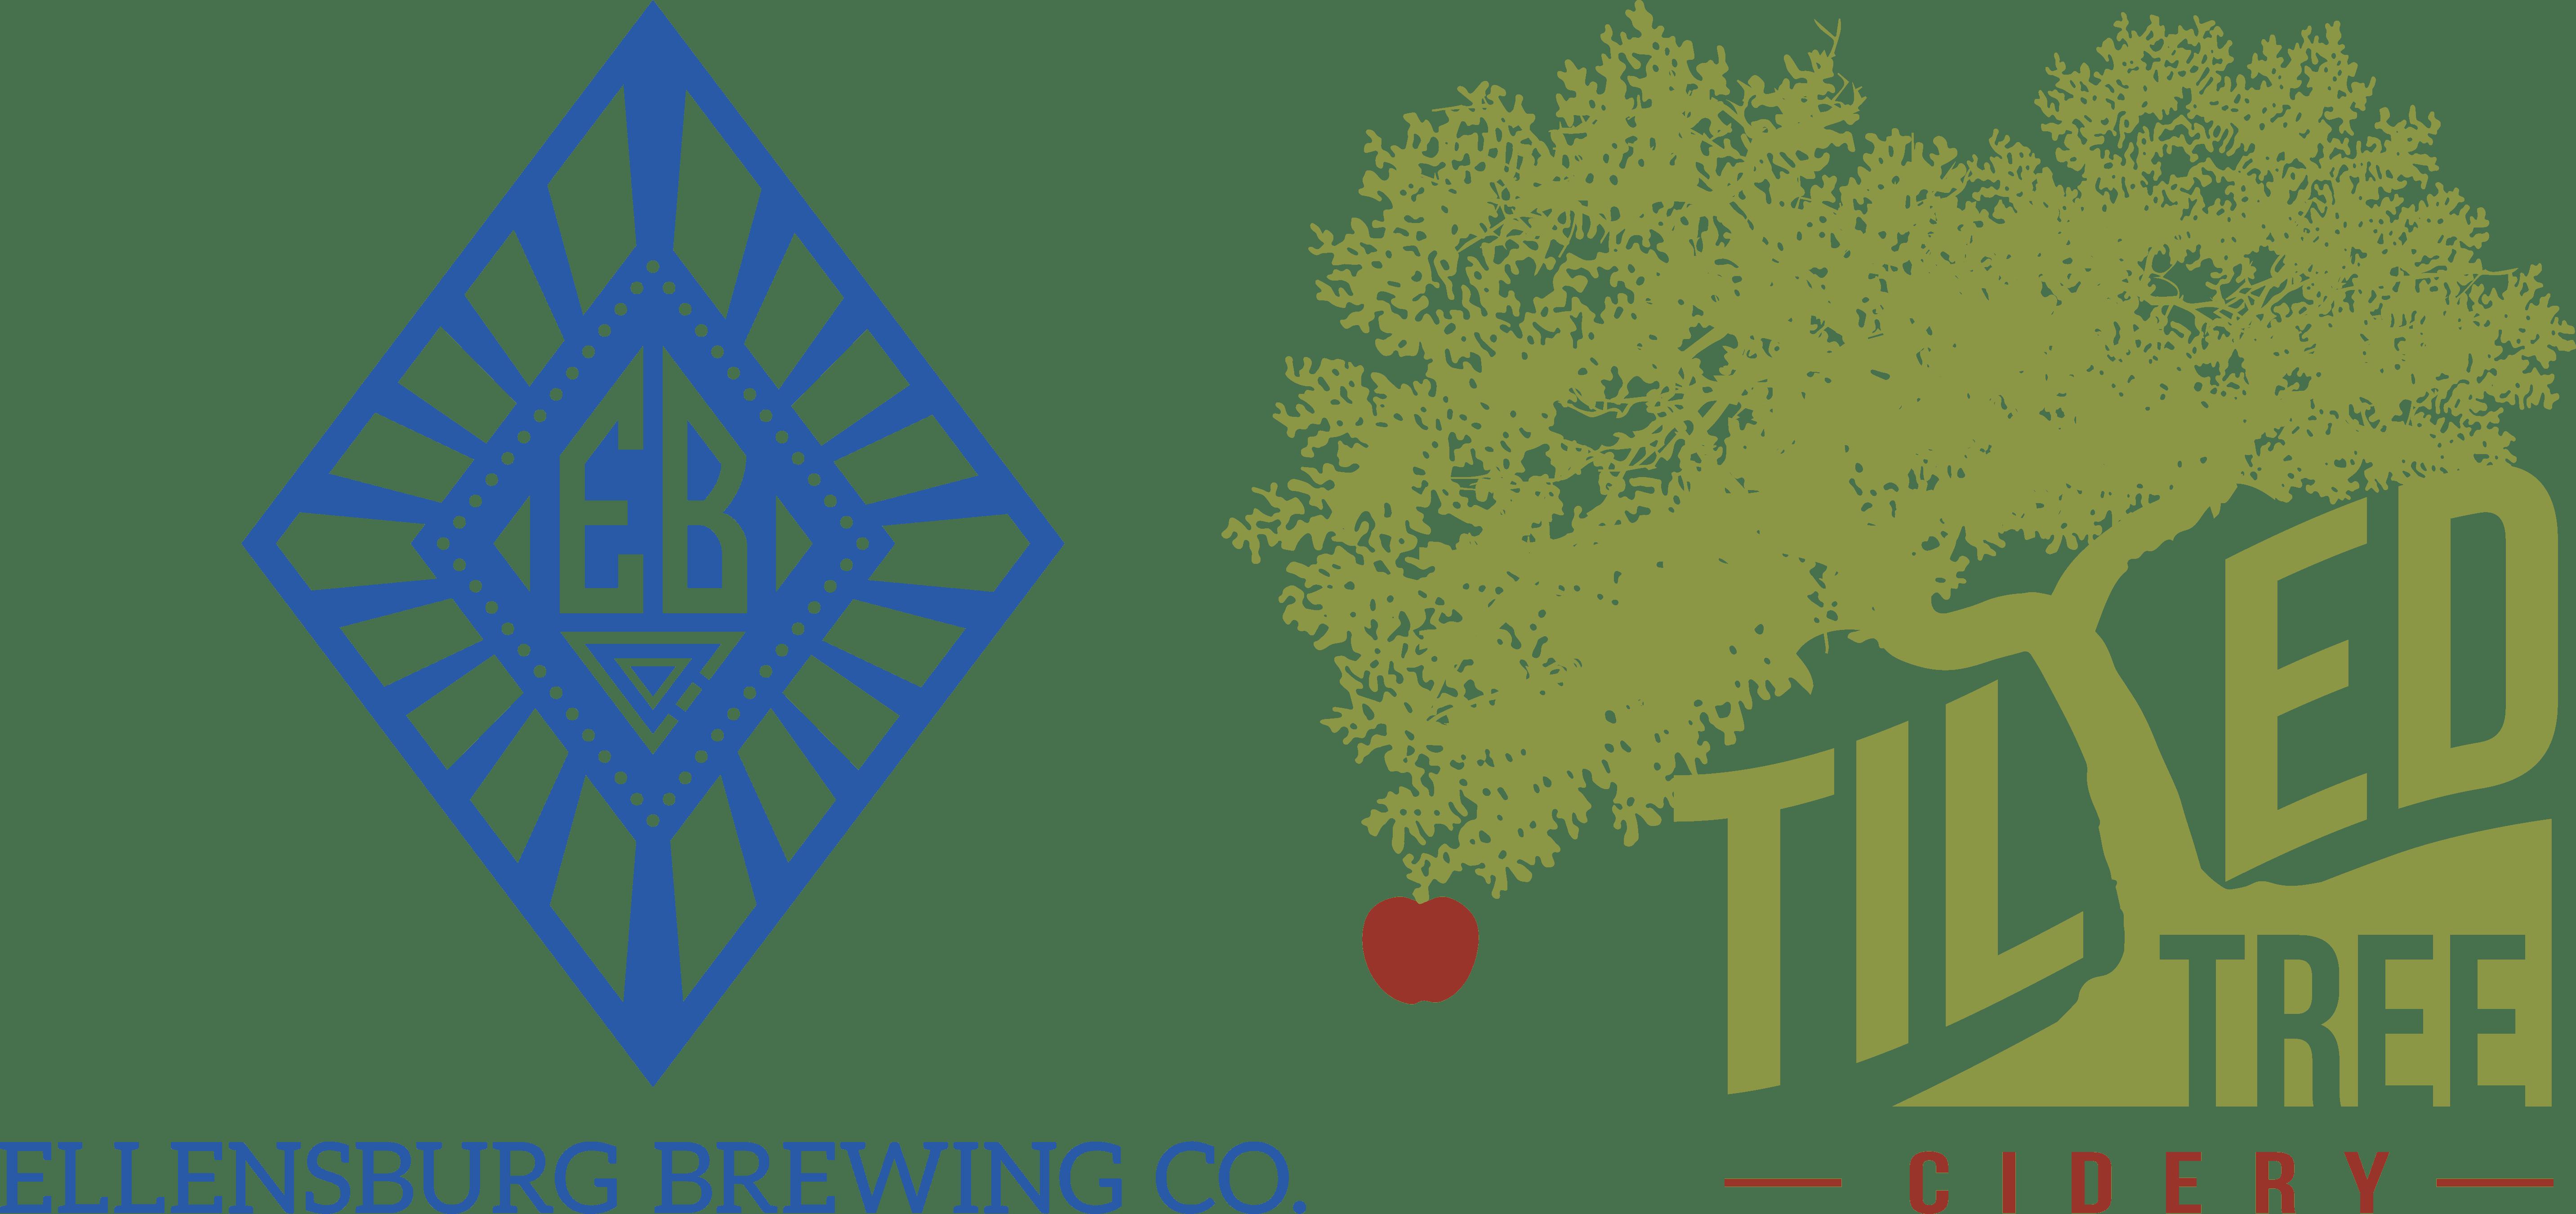 Ellensburg Brewery & Tilted Tree Cidery